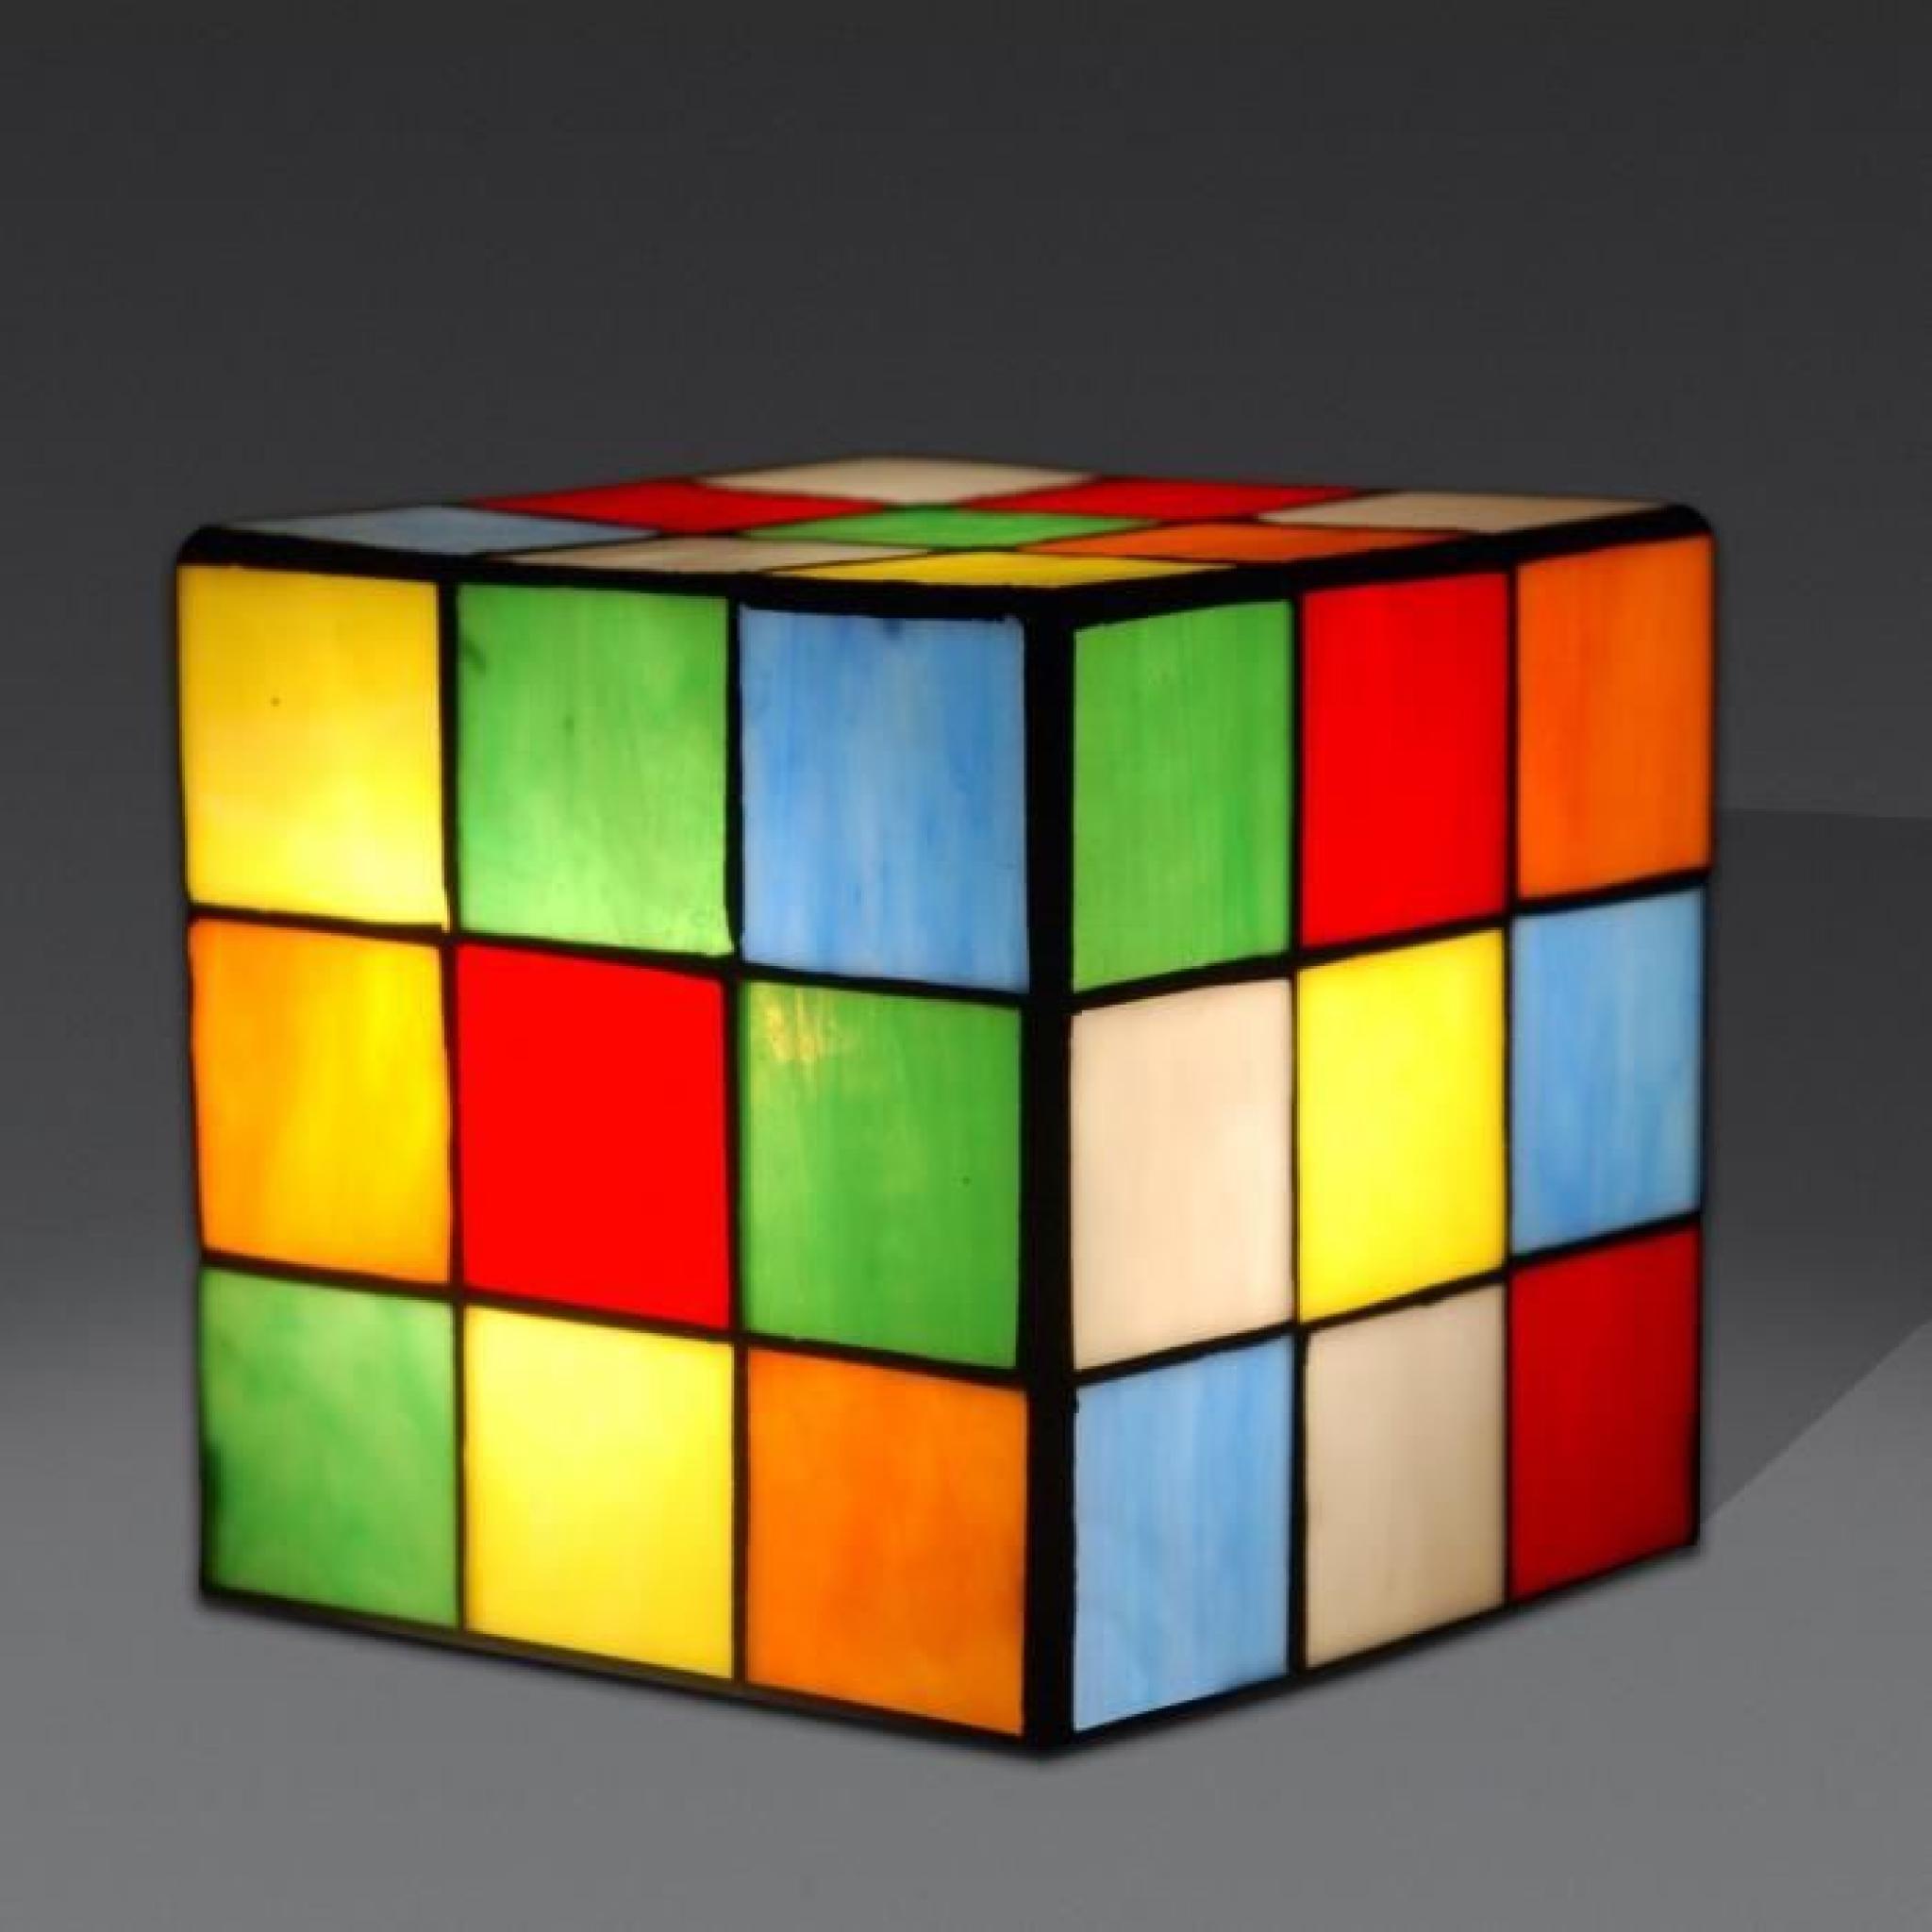 chevet cube rubik lampe de chevet avec abat-jour de verre soudé de